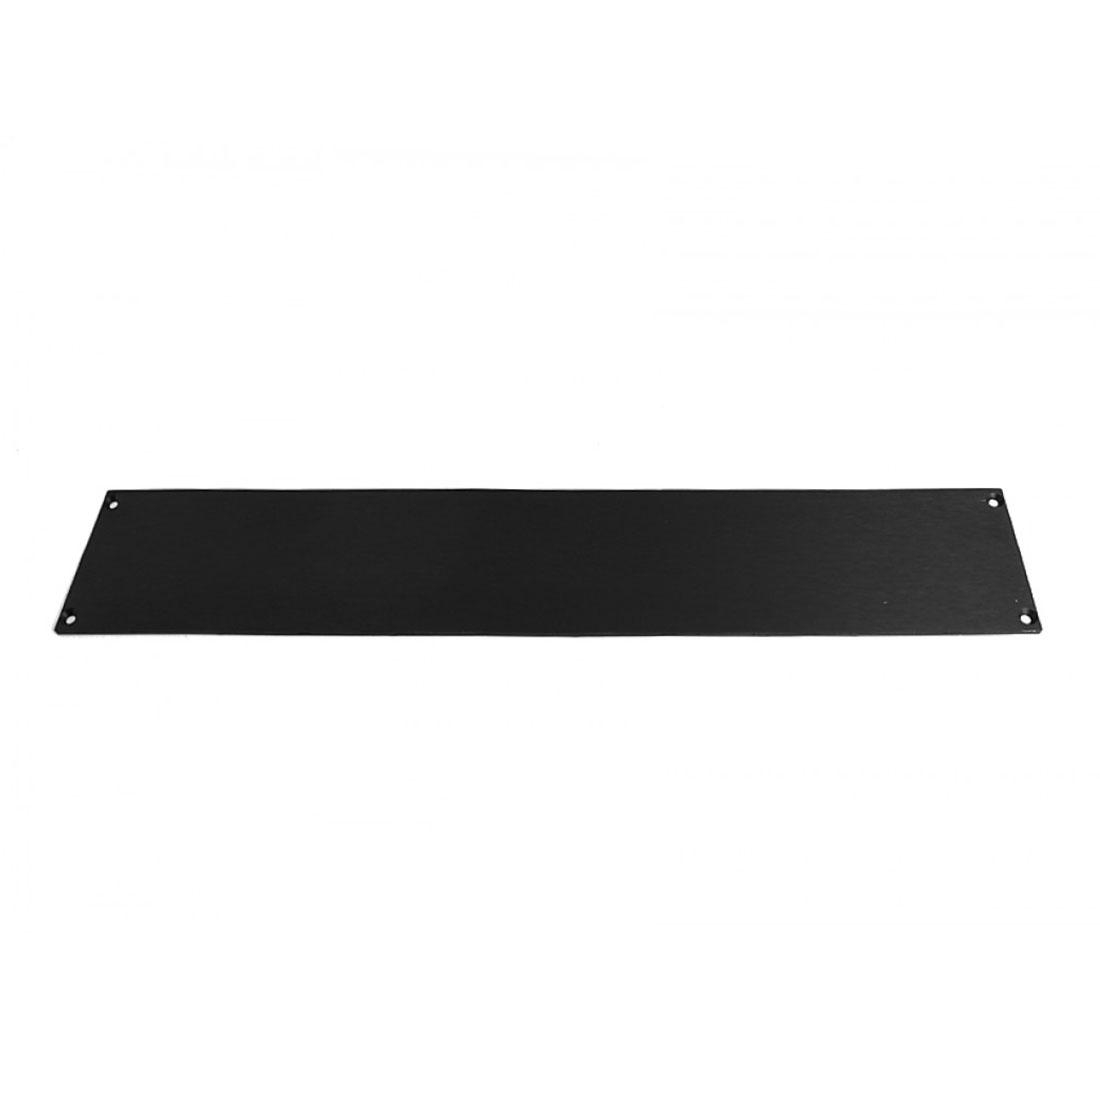 1NSLA02230N - 2U rack krabice s lištou, 230mm, 10mm - panel černý, AL víka